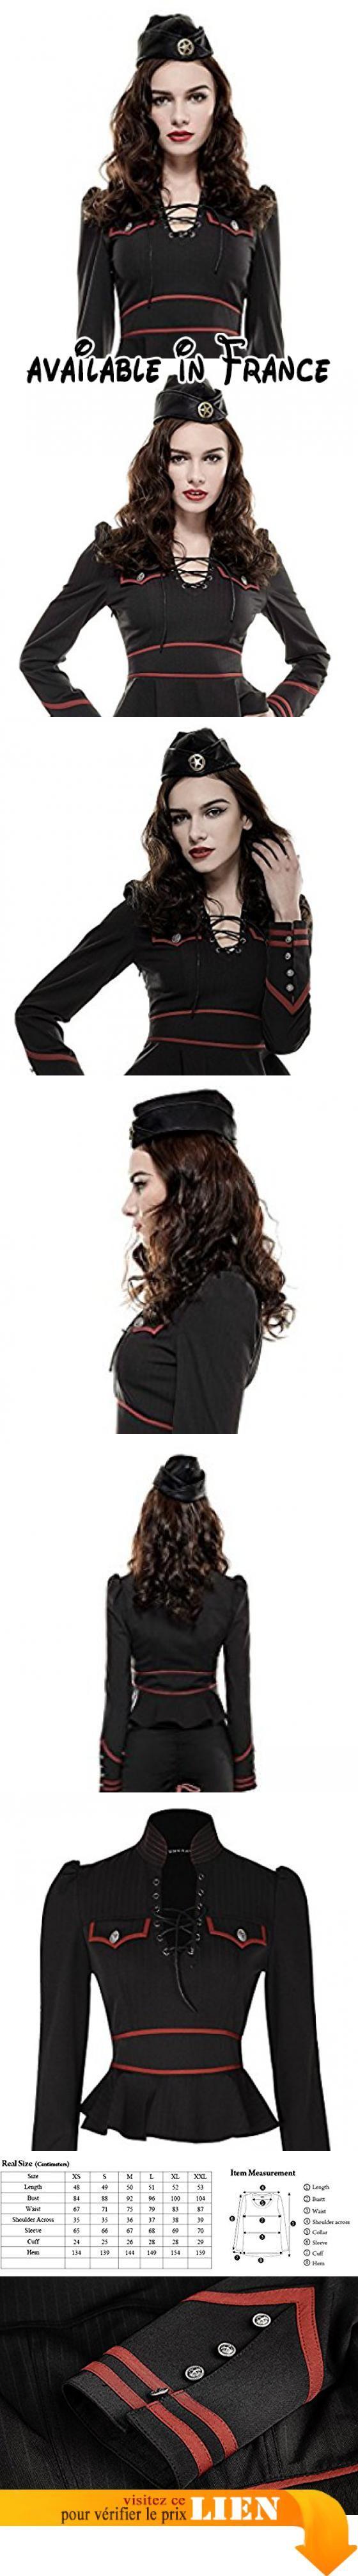 Chemise noire rouge militaire femme fines rayures peplum uniforme laçage punk rave - XL. Tissu noir et bandes rouges contrastantes. Coupe peplum, taille marquée par deux bandes rouges. Longues manches ornées de boutons argentés. Parfait pour vos looks d'inspiration militaire et rétro #Apparel #SHIRT